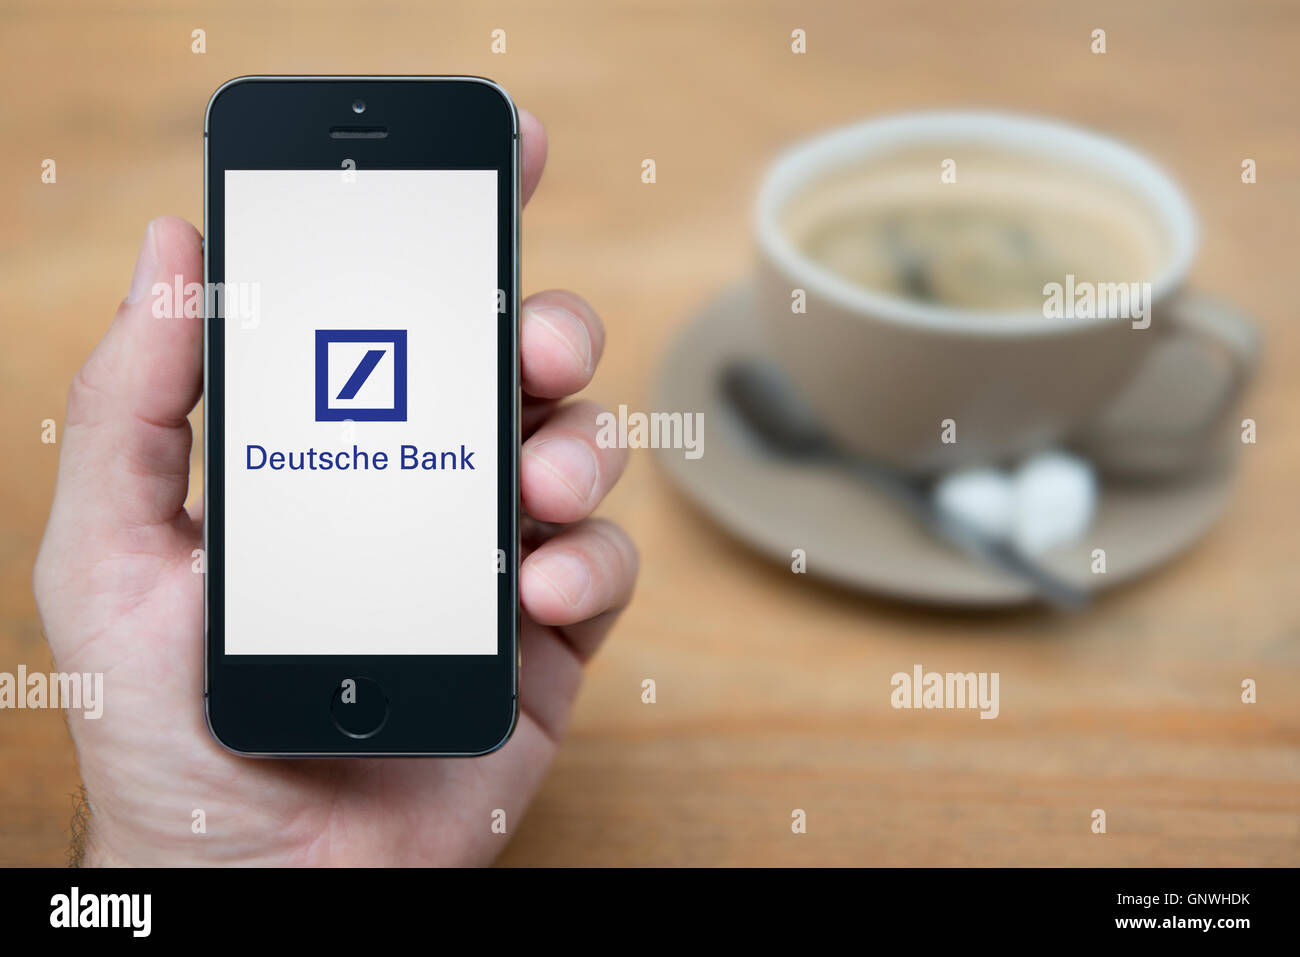 Ein Mann schaut auf seinem iPhone das Logo der Deutschen Bank zeigt, während bei einer Tasse Kaffee (nur zur Stockbild